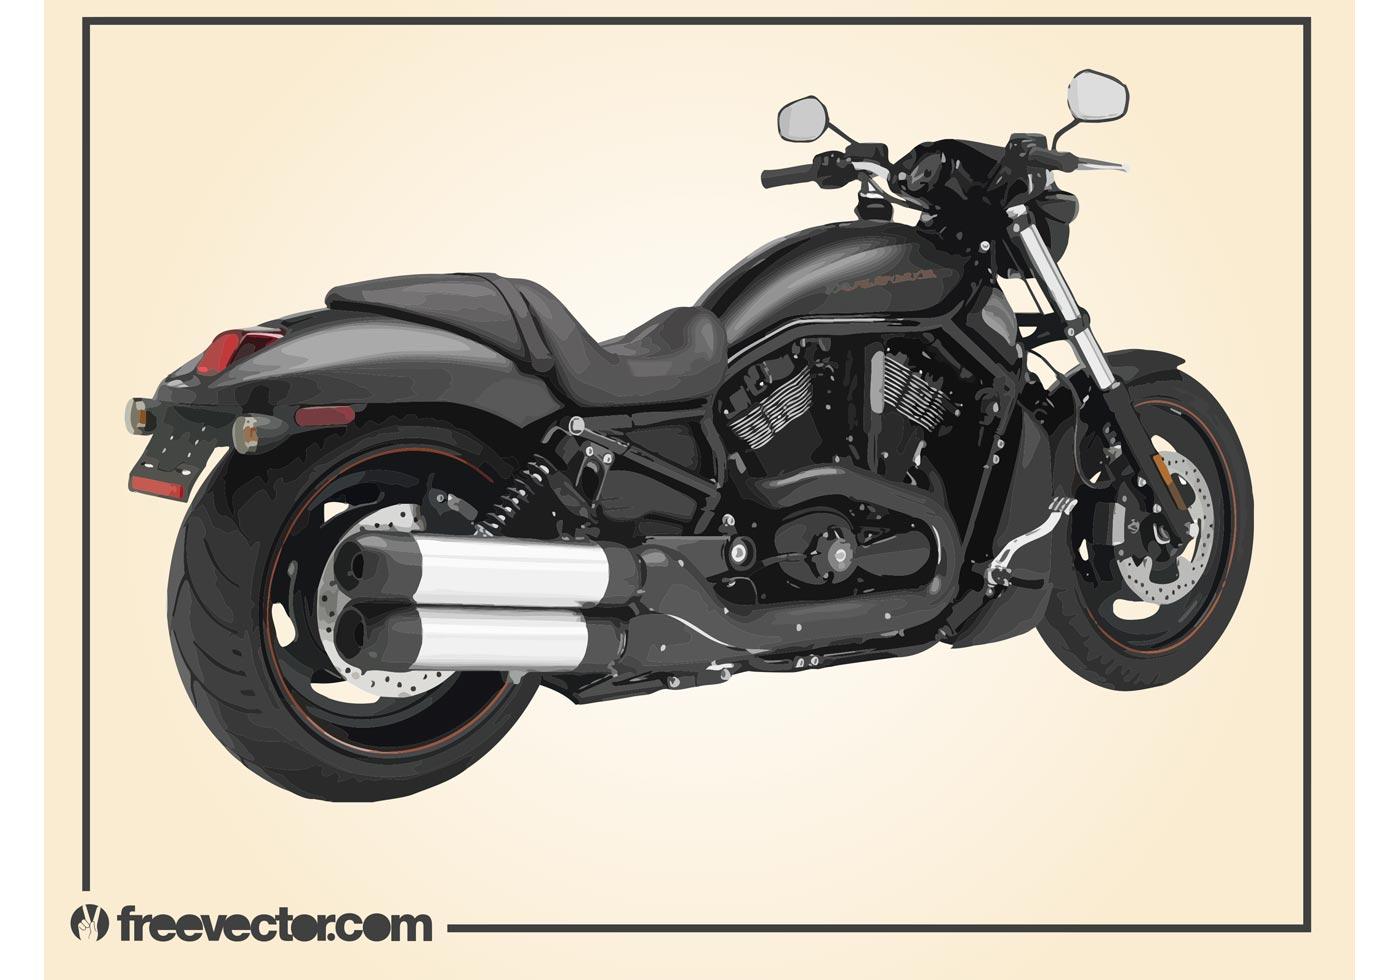 black harley davidson motorcycle download free vector. Black Bedroom Furniture Sets. Home Design Ideas